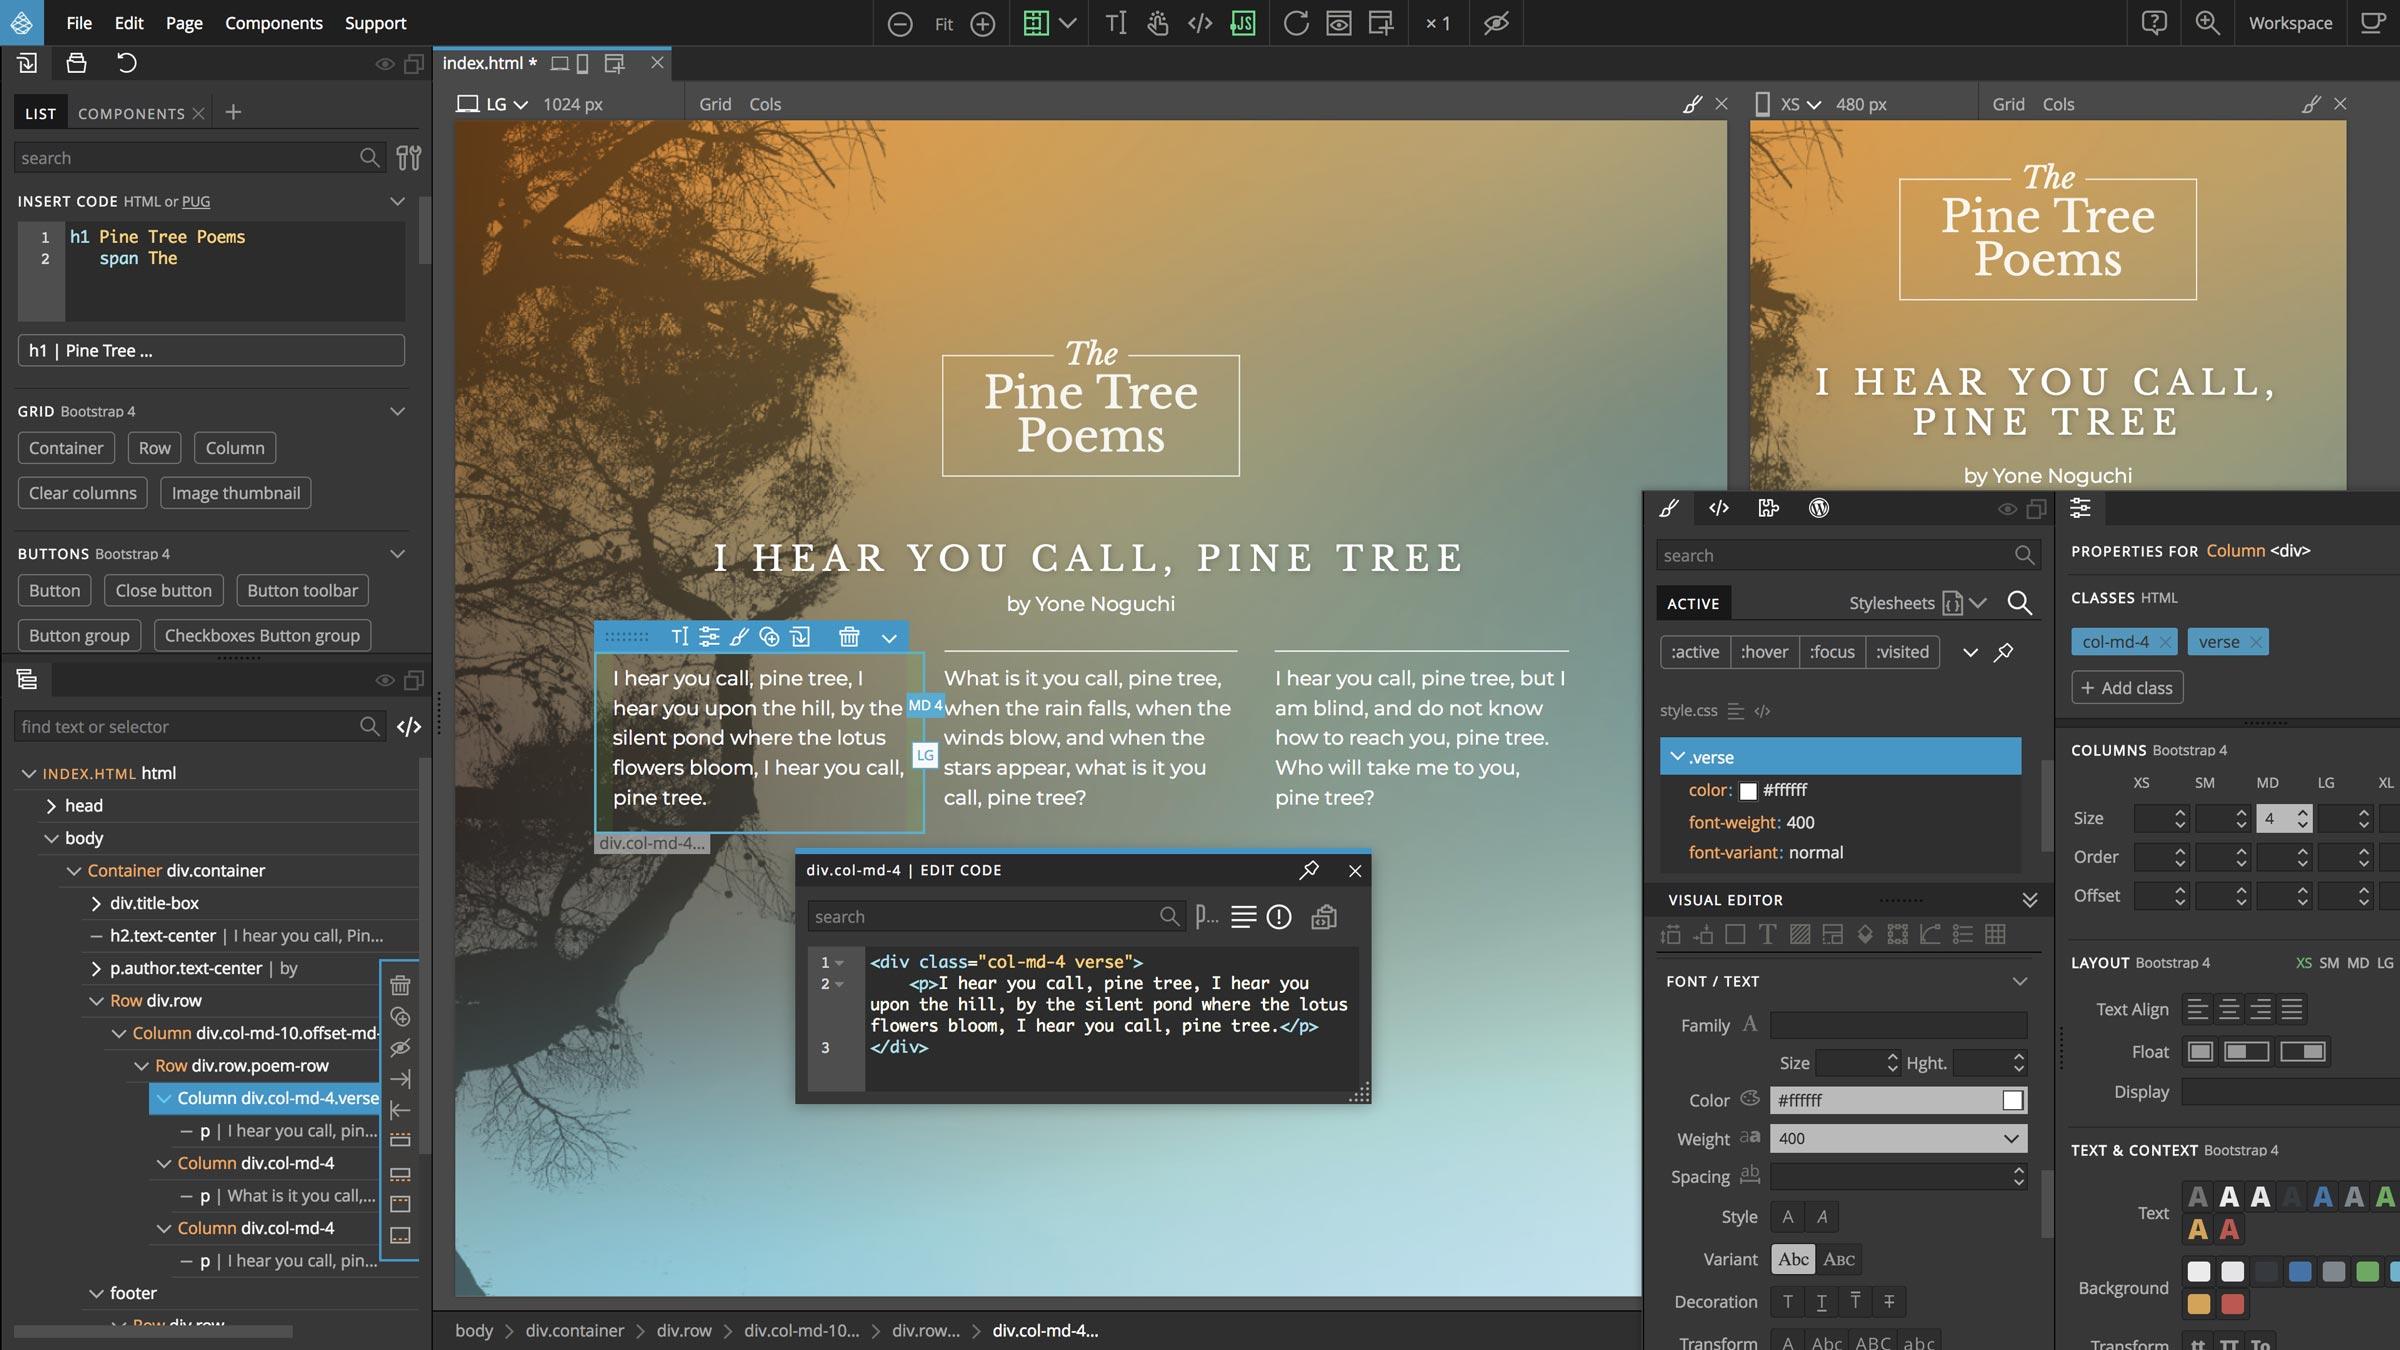 Humane Technologies Pinegrow Web Editor v5.981